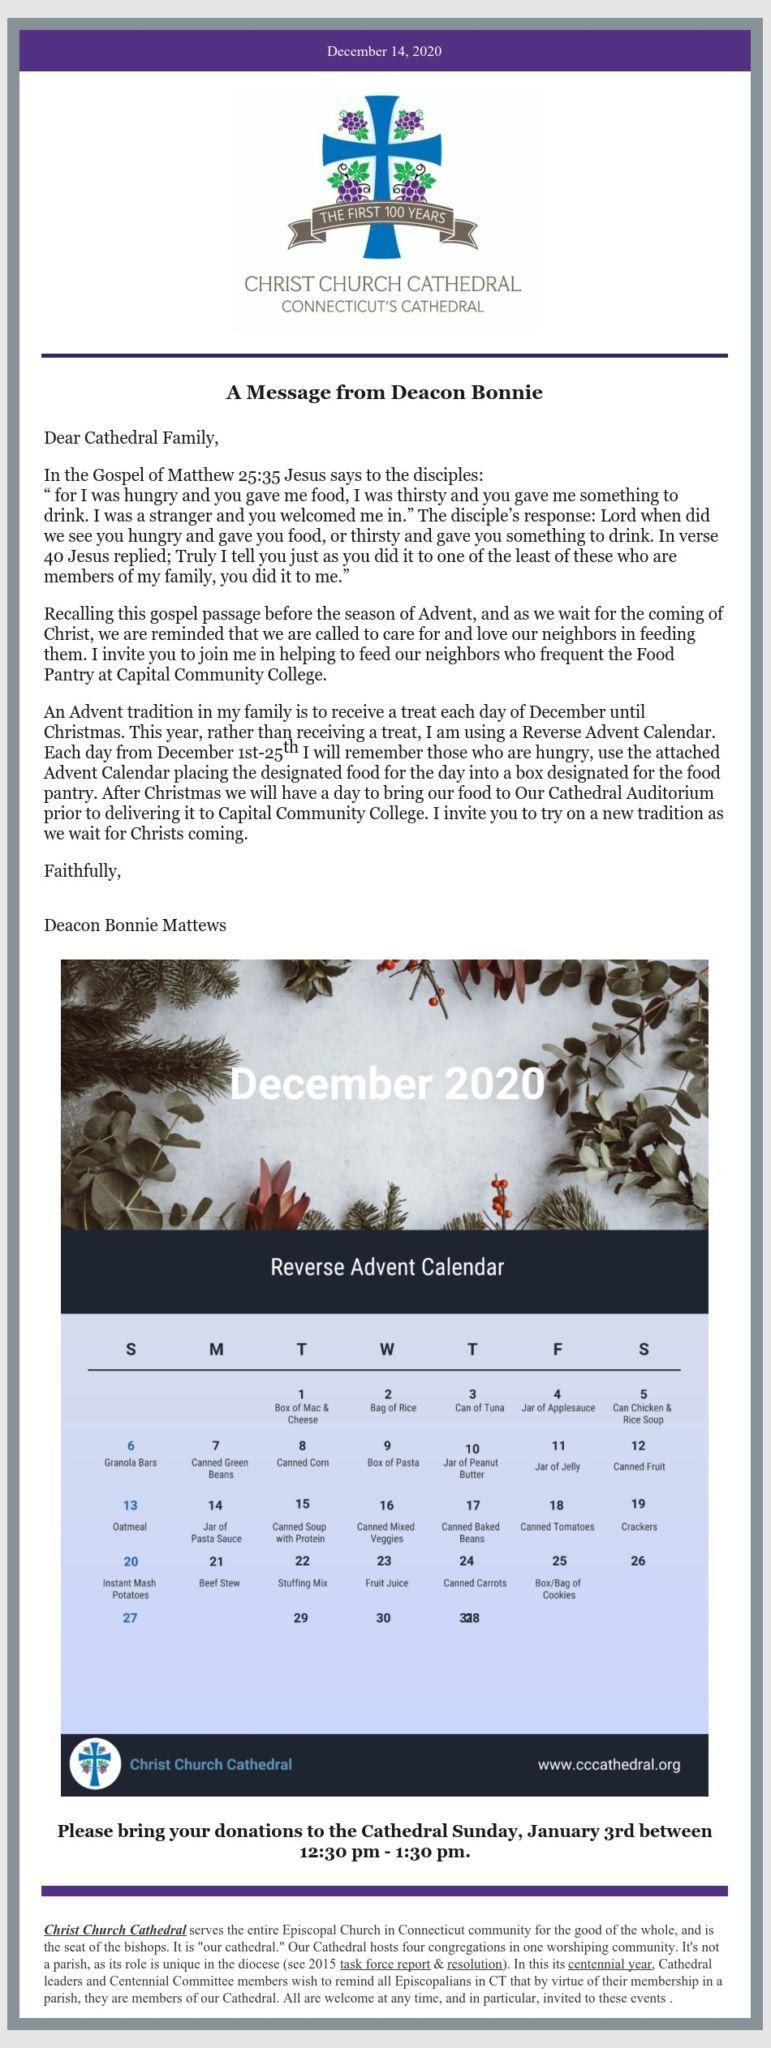 Message From Deacon Matthews Reminder Reverse Advent Calendar December 14 2020